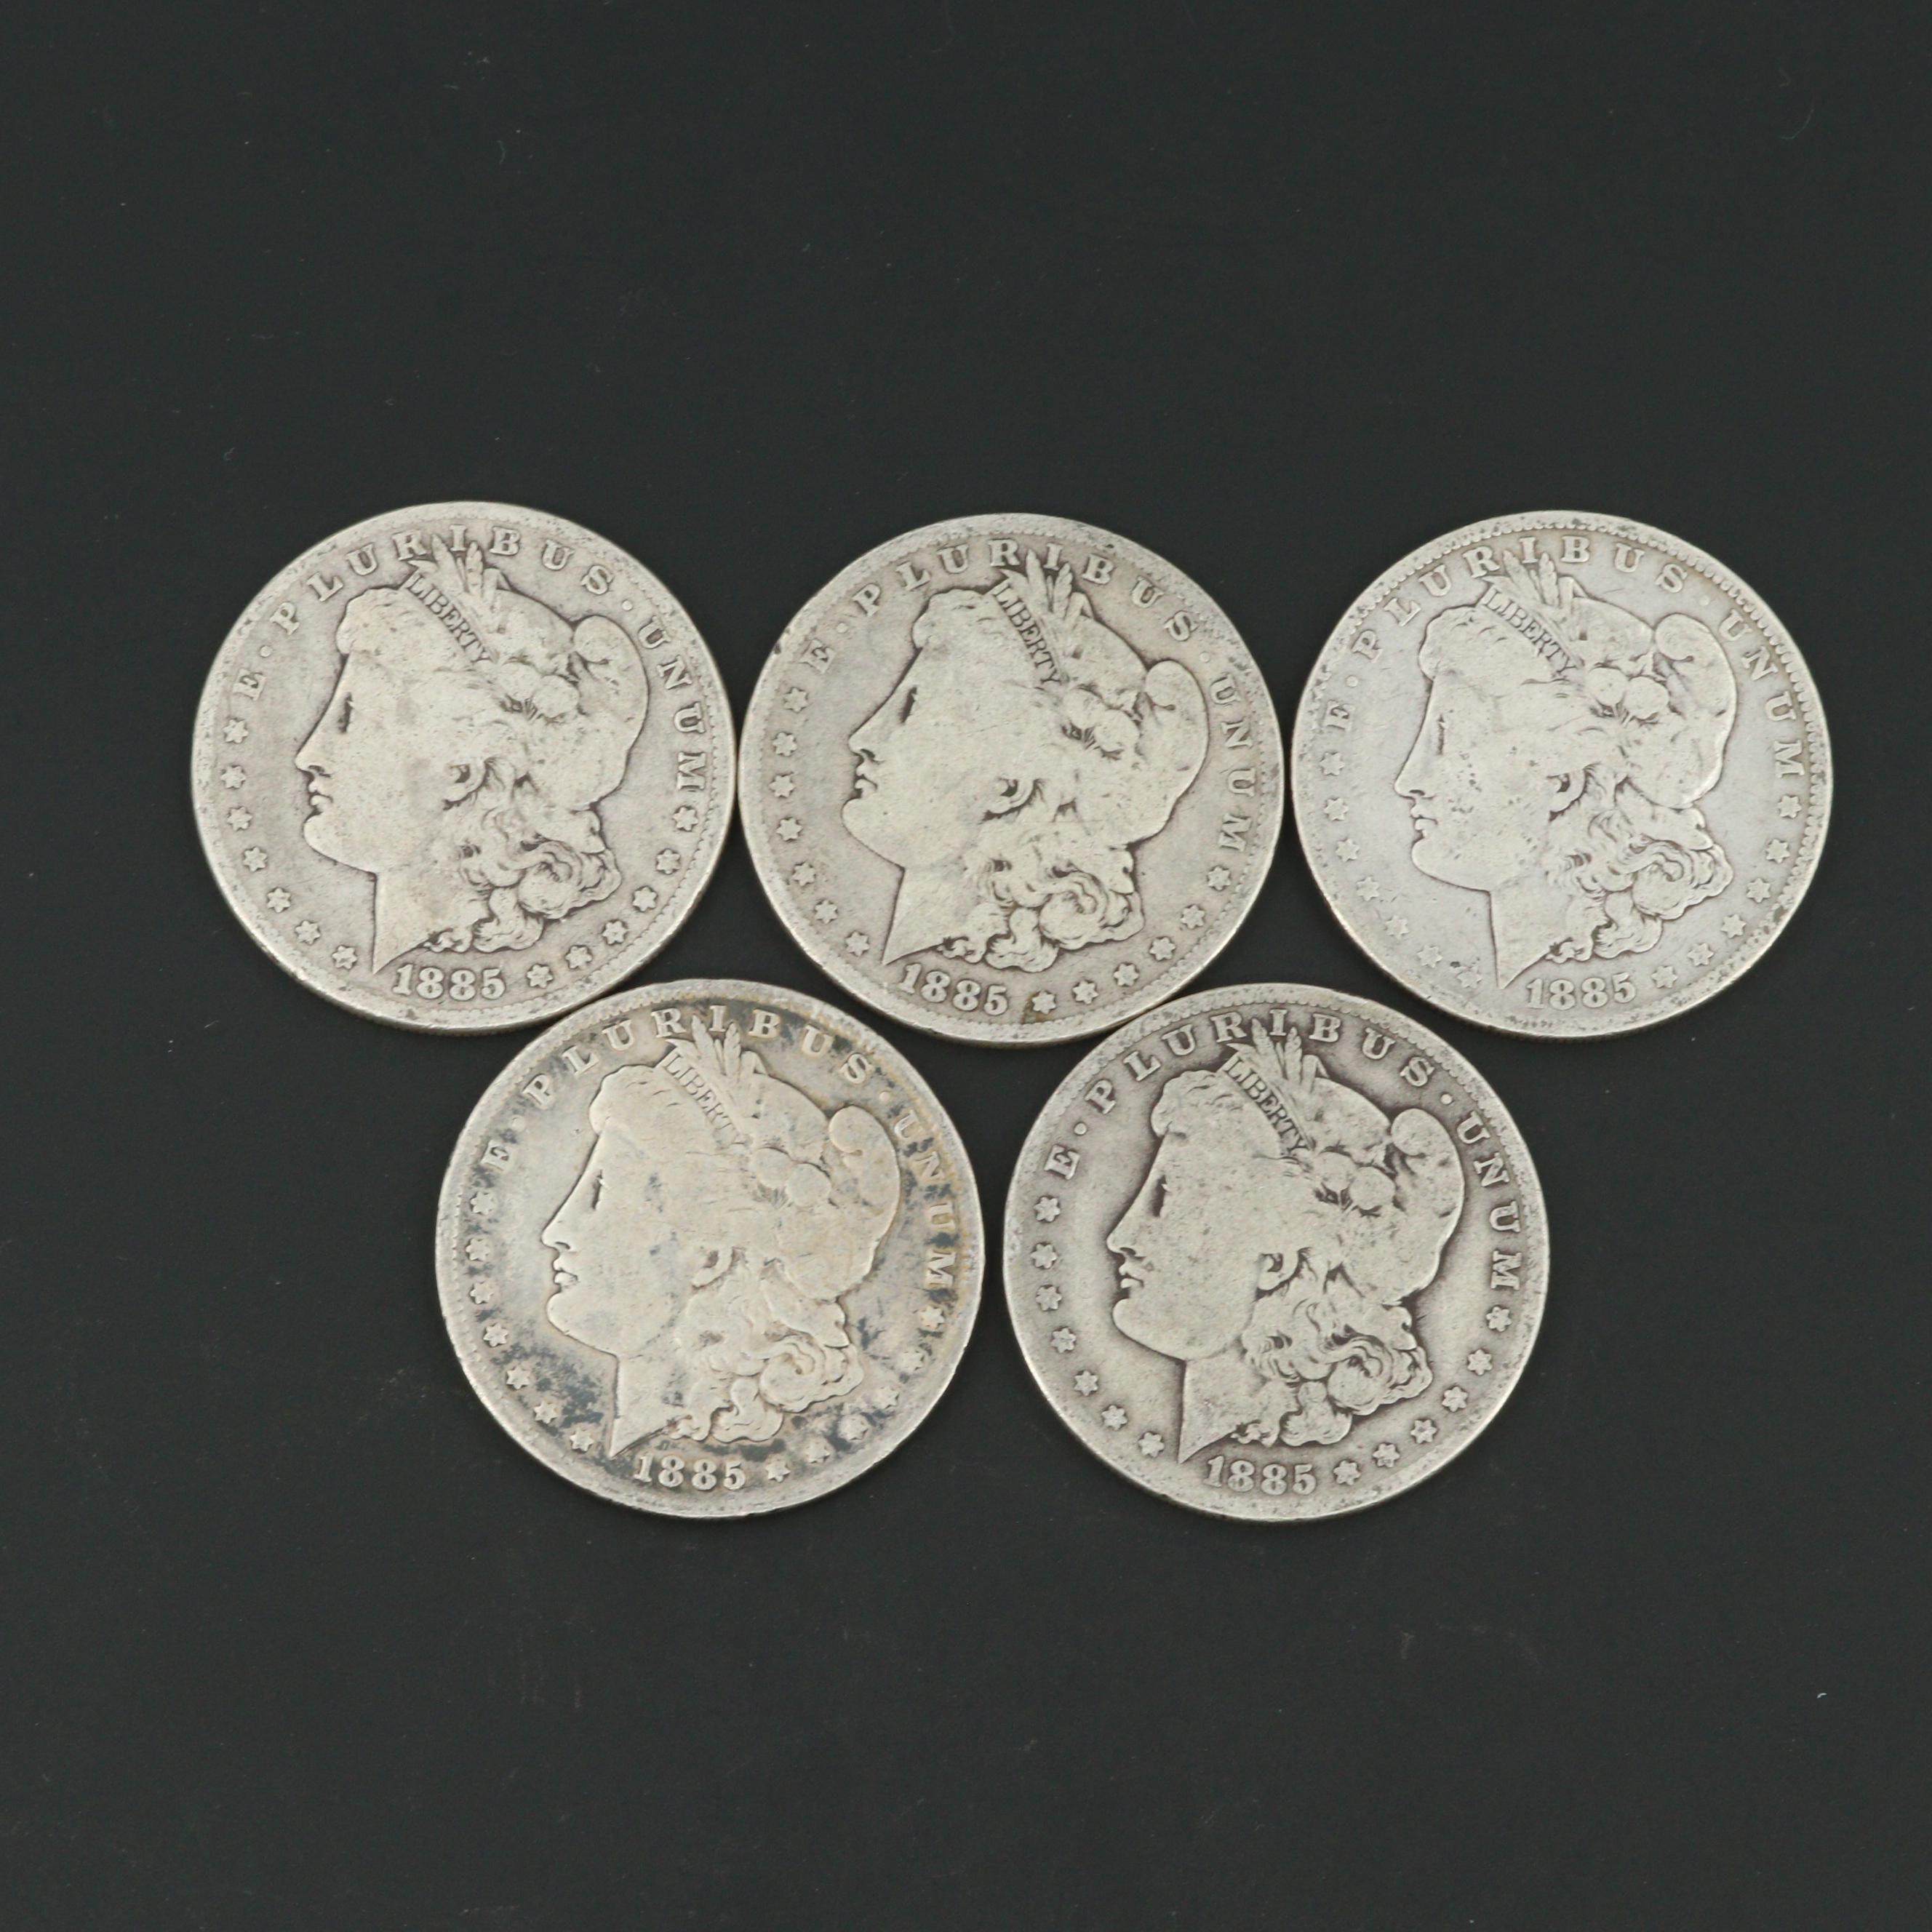 Three 1885 and Two 1885-O Morgan Silver Dollars